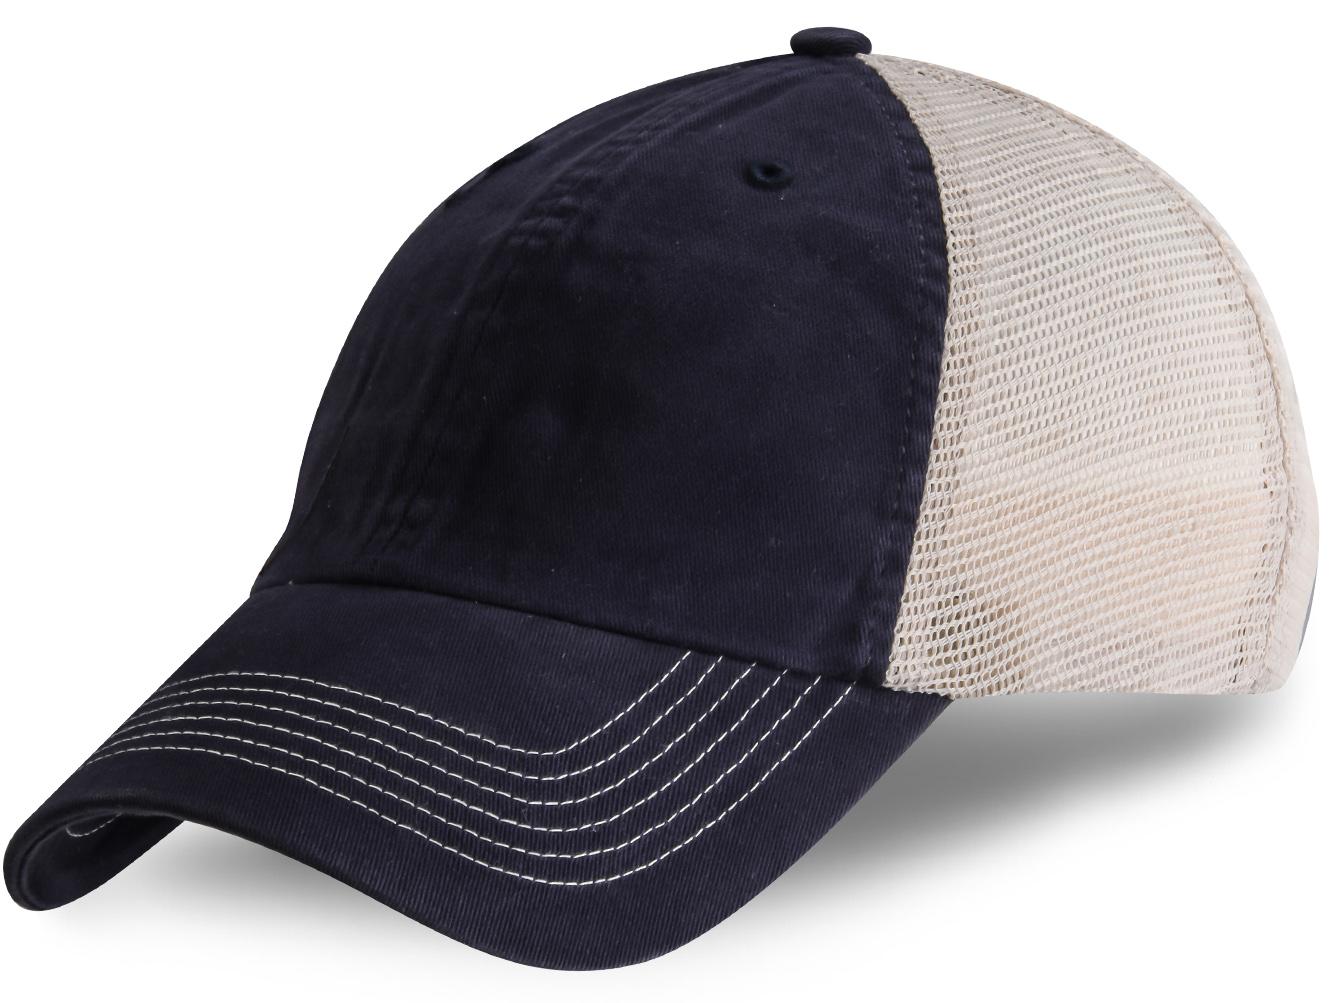 Сетчатая кепка - купить в интернет-магазине с доставкой